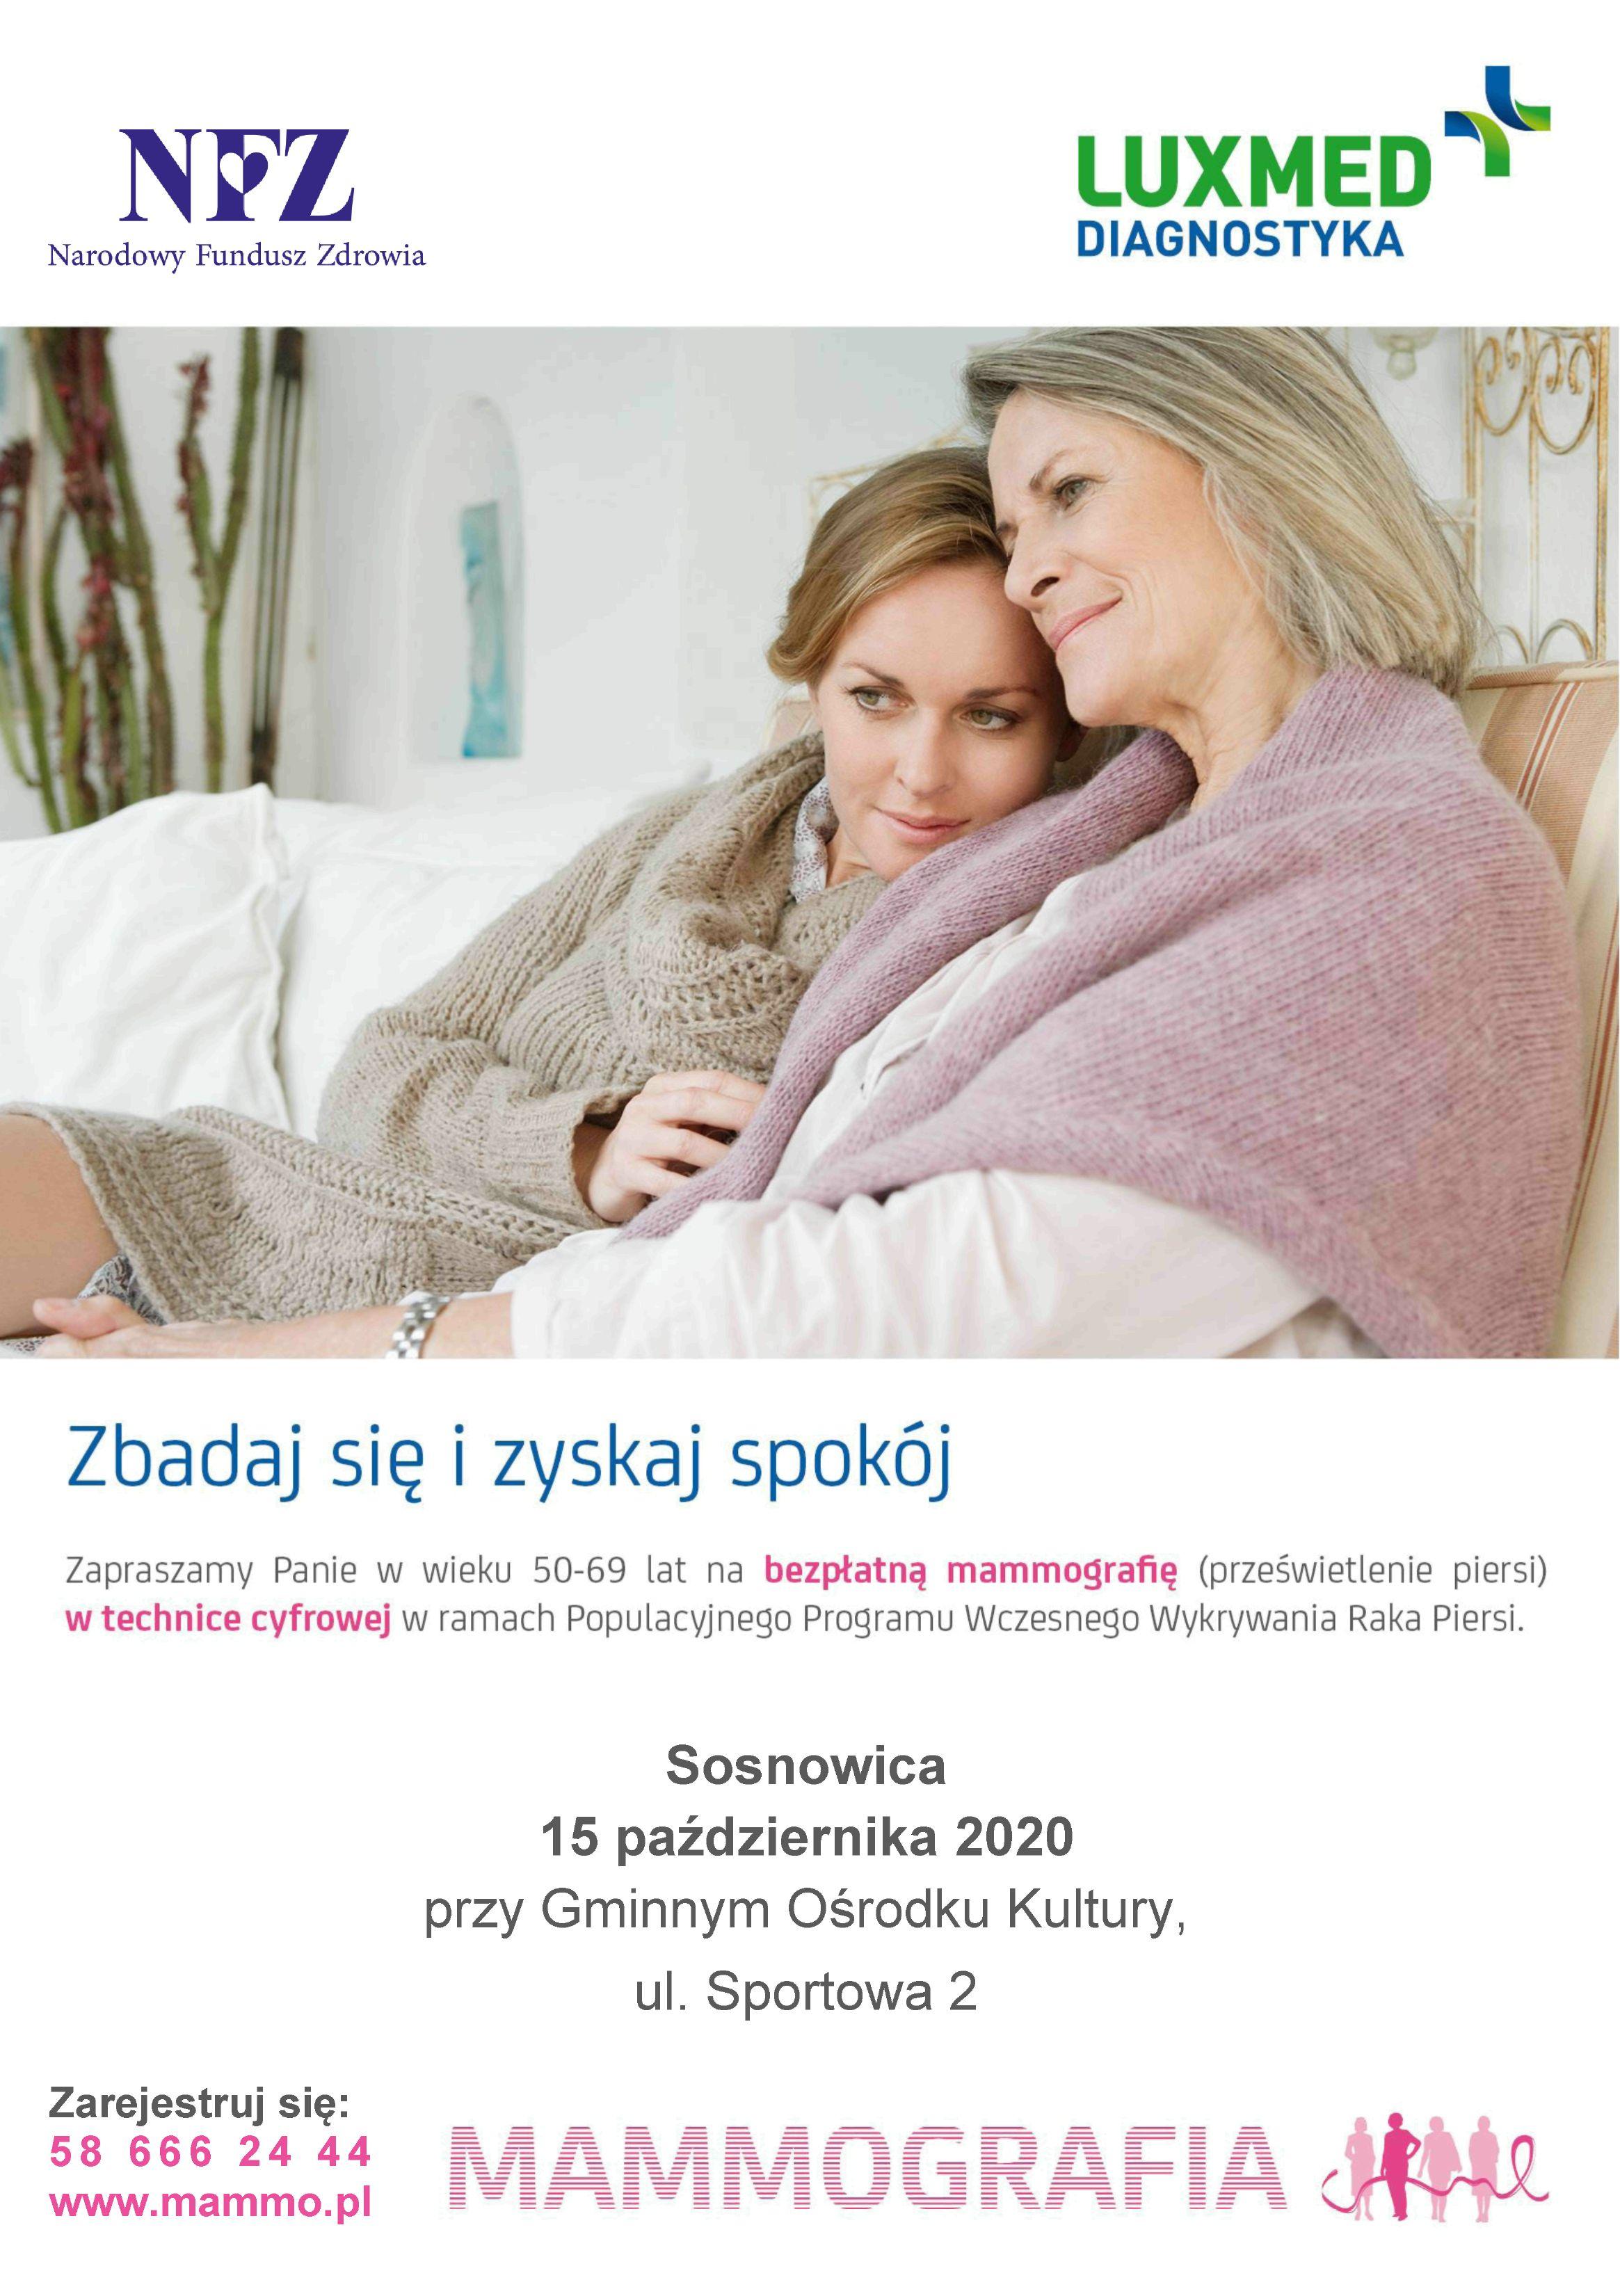 Zapraszamy na badanie mammograficzne w Sosnowicy 15 października 2020 w godzinach od 10.00 do 16.00 przy Gminnym Ośrodku Kultury, ul. Sportowa 2.